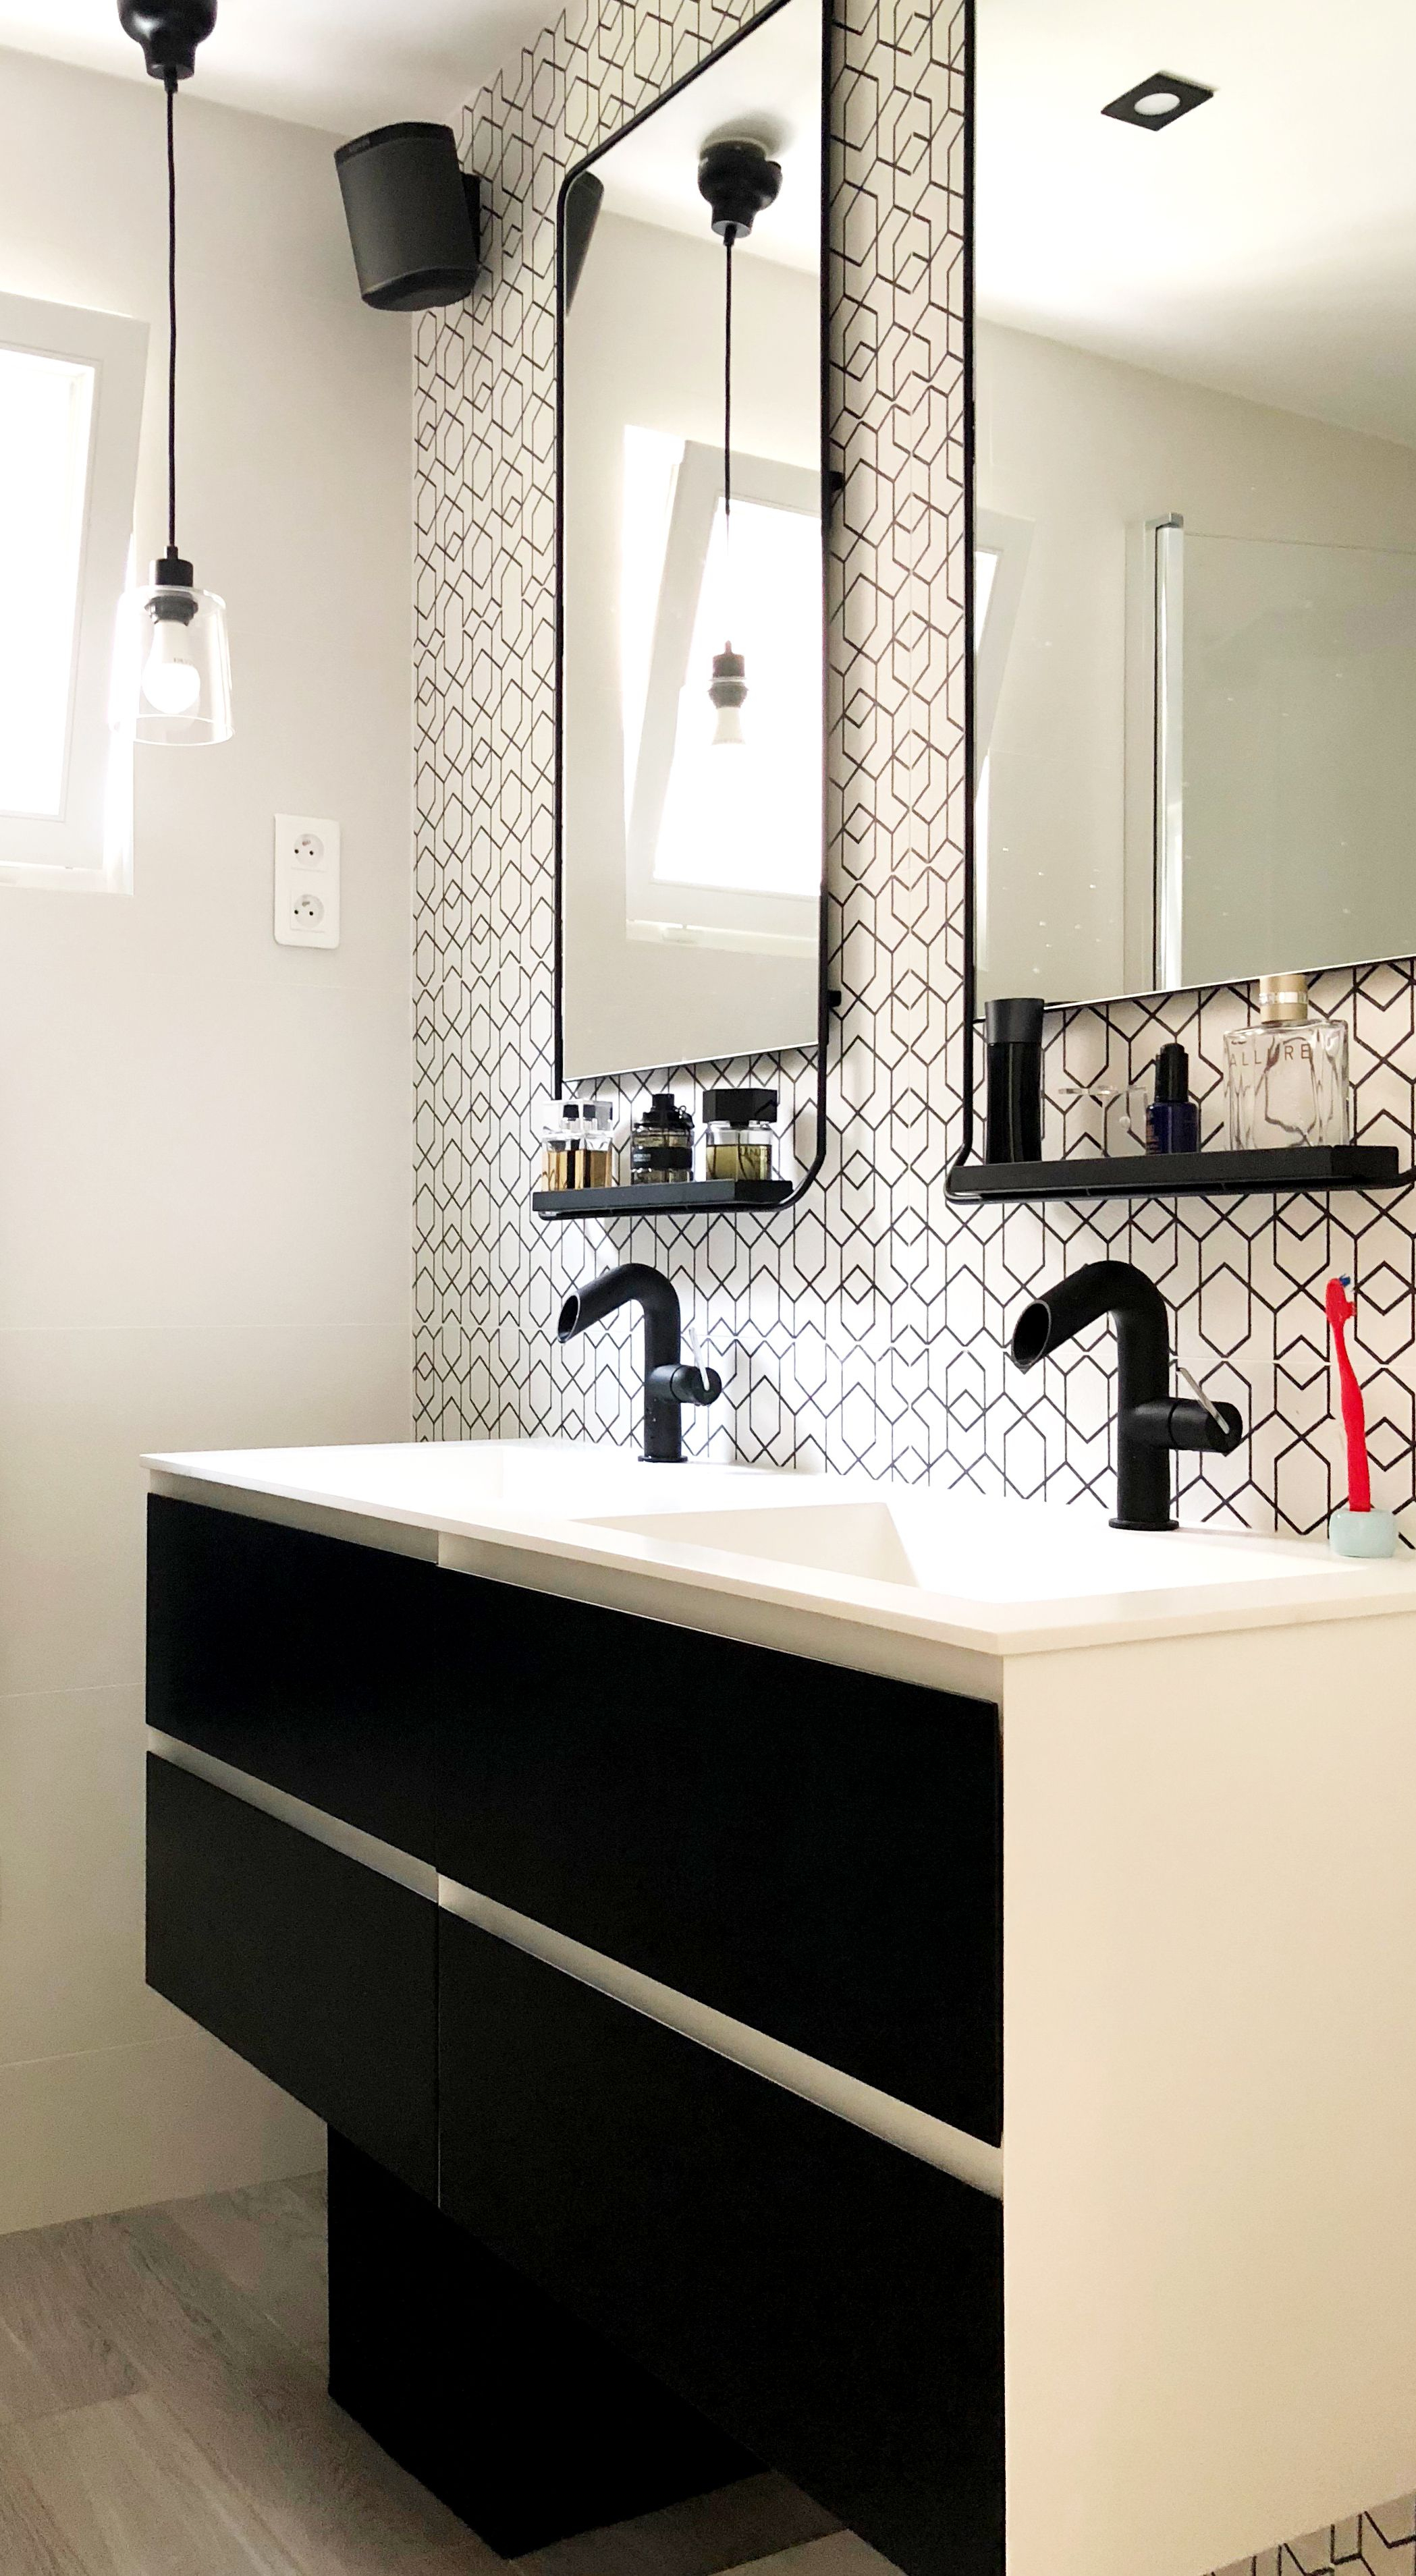 Épinglé Sur Bathroom Inspiration / Inspirations Salle De Bain intérieur Meuble Salle De Bain Noir Mat